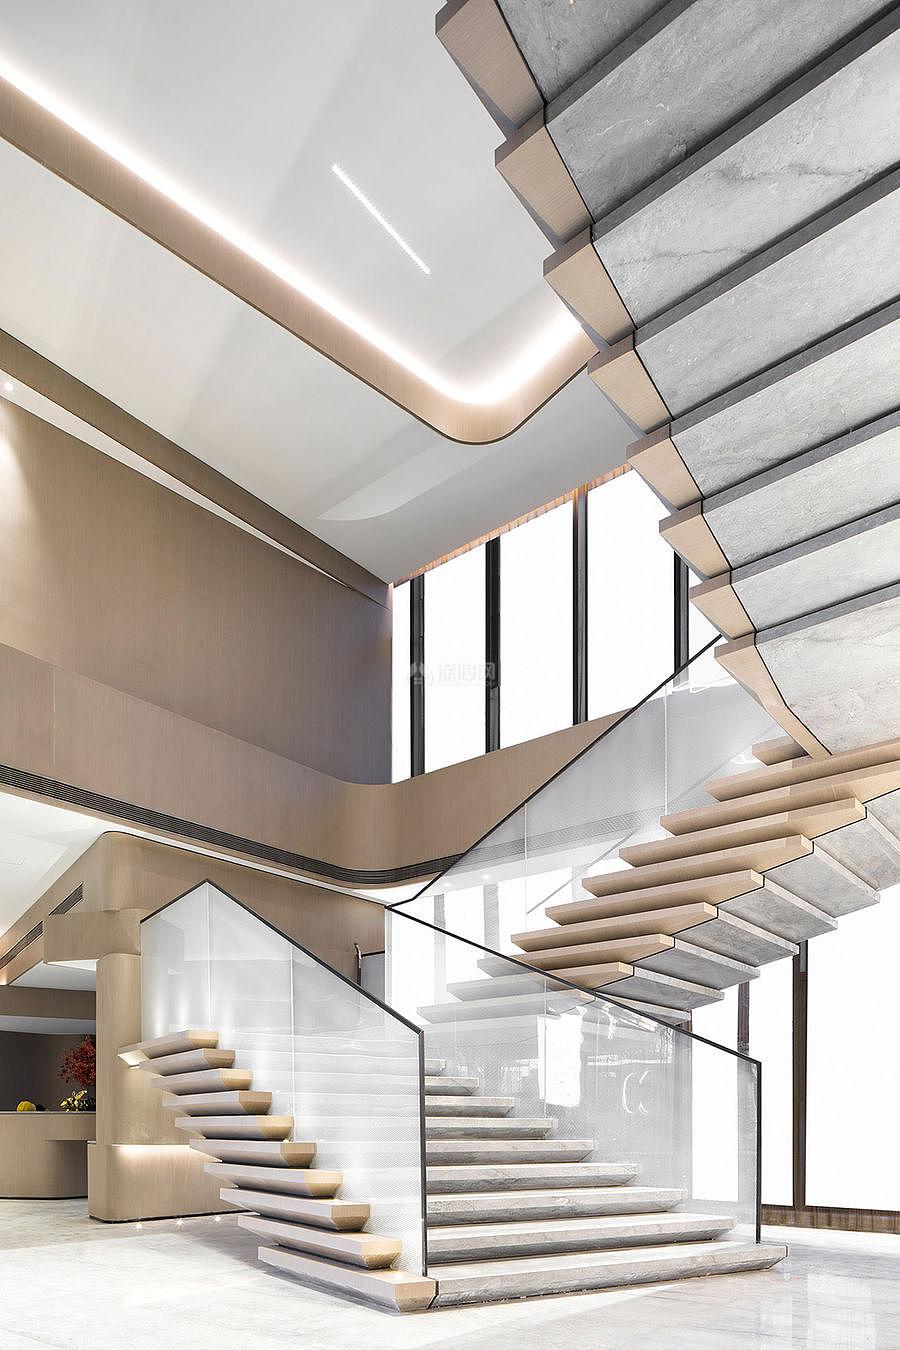 万科公园传奇售楼部玻璃楼梯设计效果图